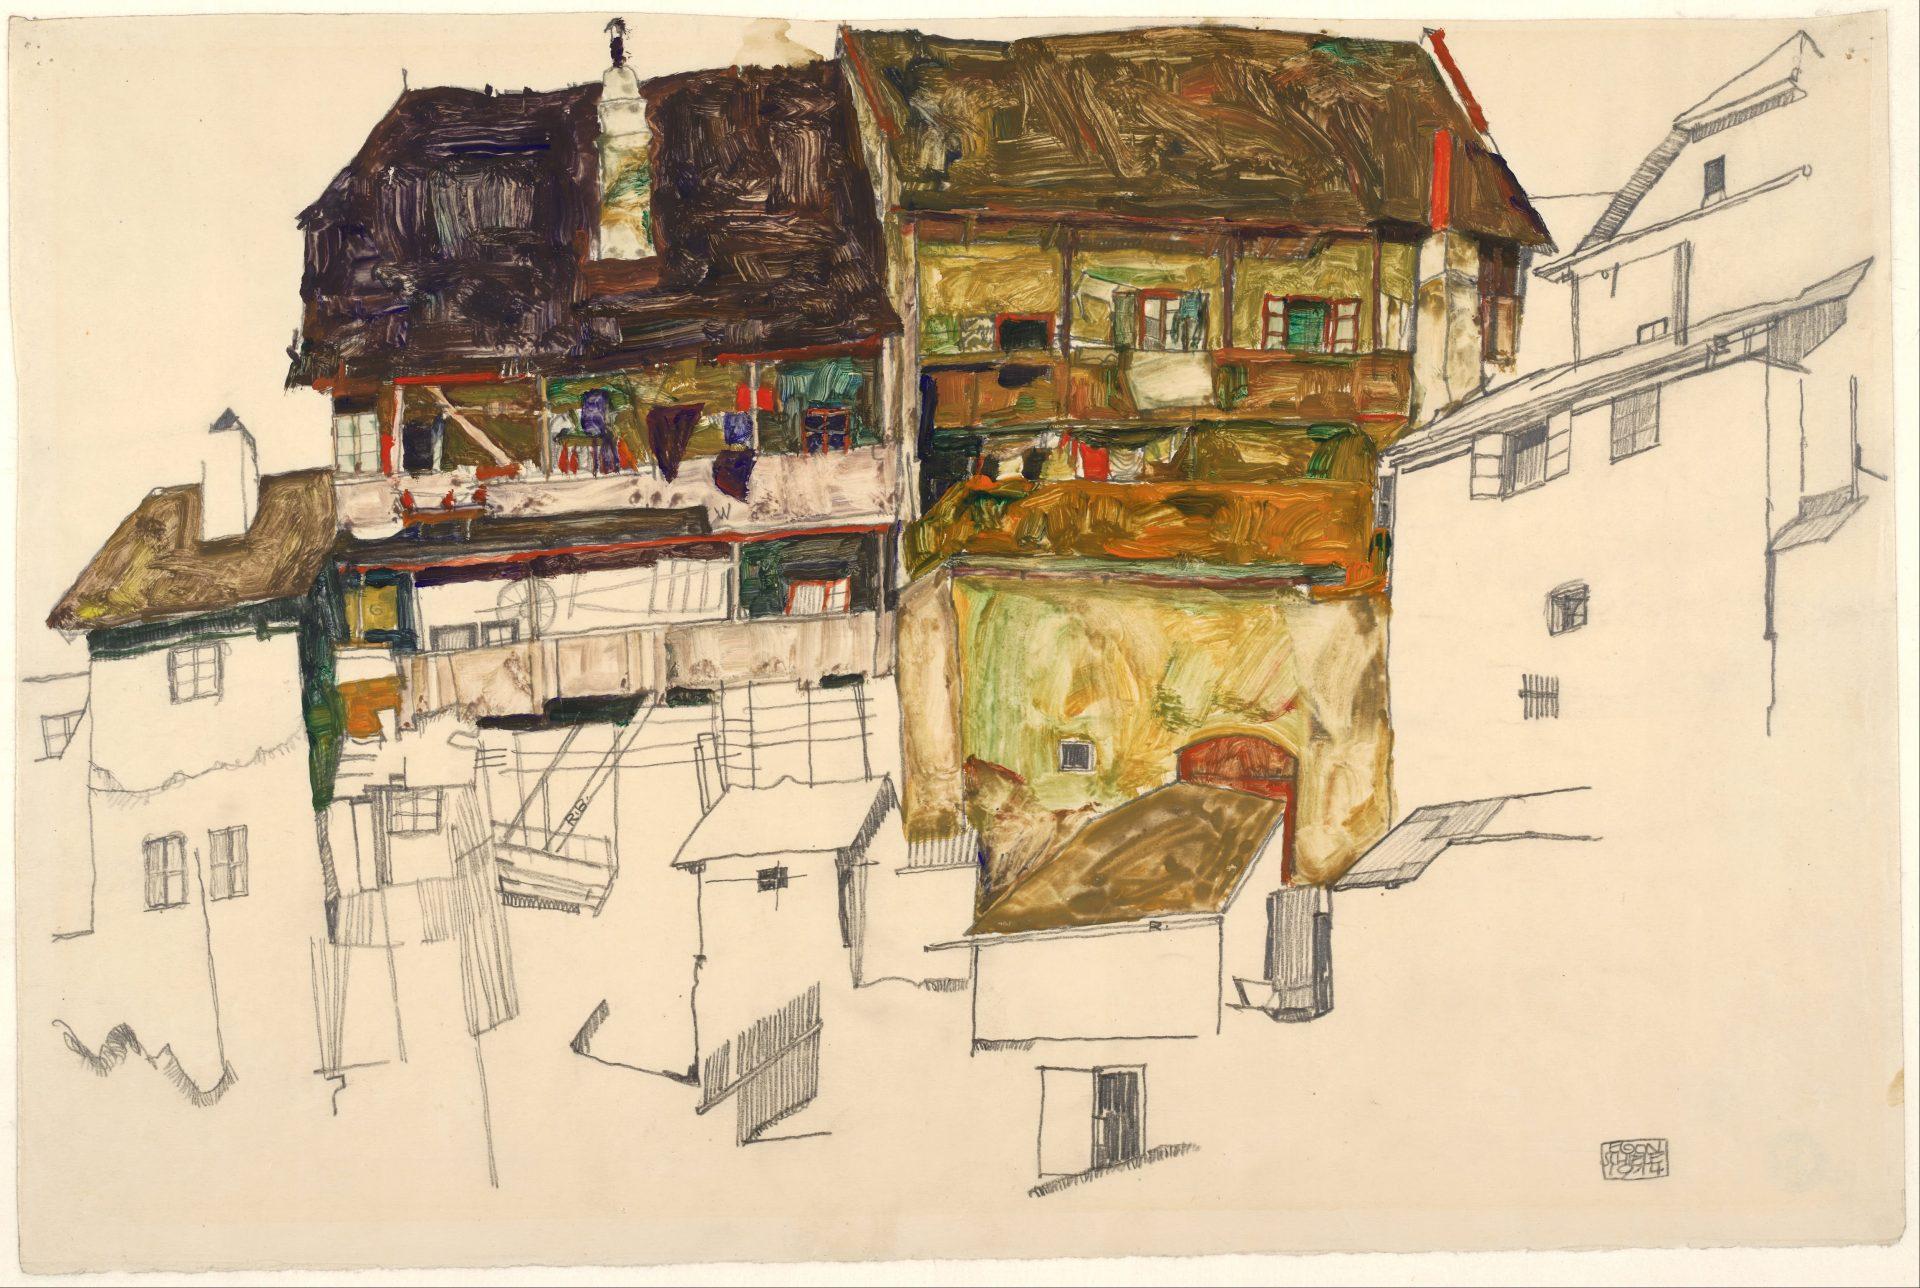 Old Houses in Krumau, 1914 - Albertina Wien